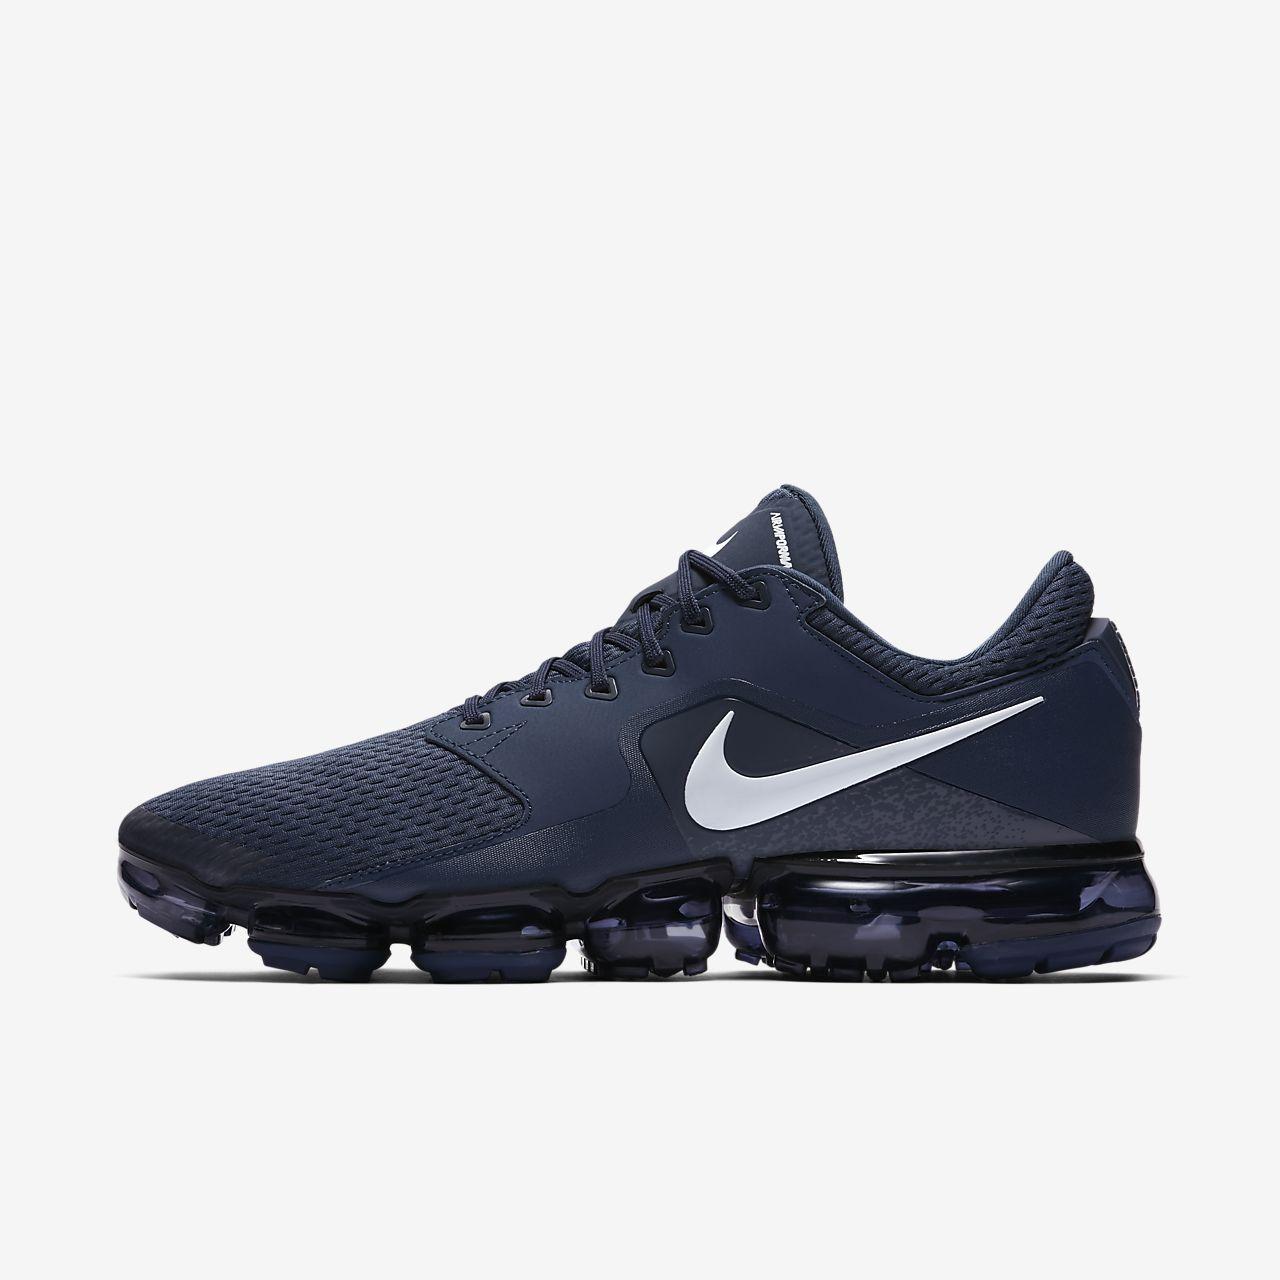 pretty nice f6df2 8ac4f Achat De ve Nike Air Vapormax Homme Chaussures Pas Cher Alainhemet